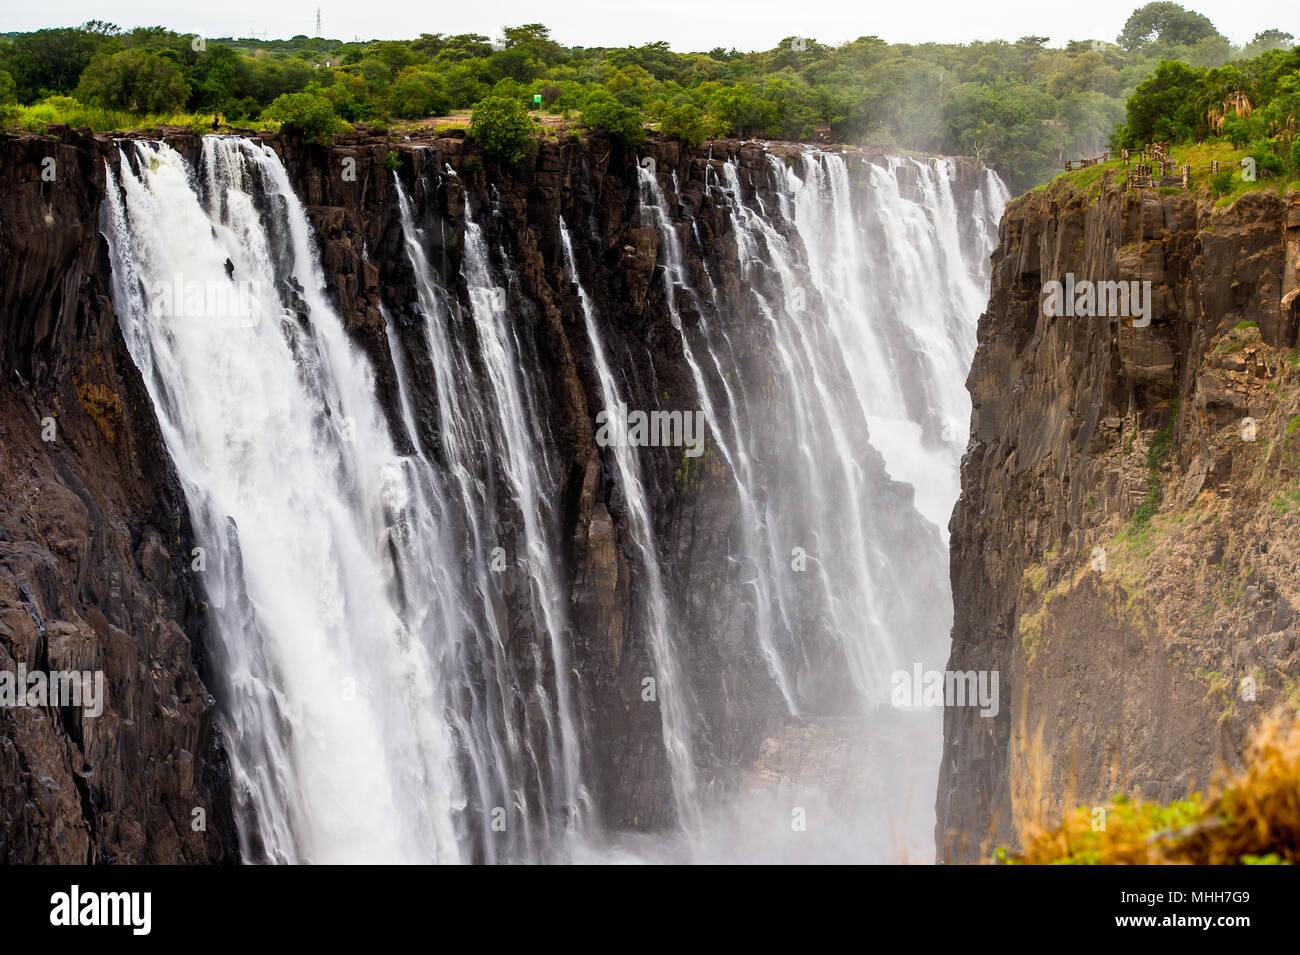 Vue panoramique des chutes Victoria, le Zambèze, le Zimbabwe et la Zambie Photo Stock